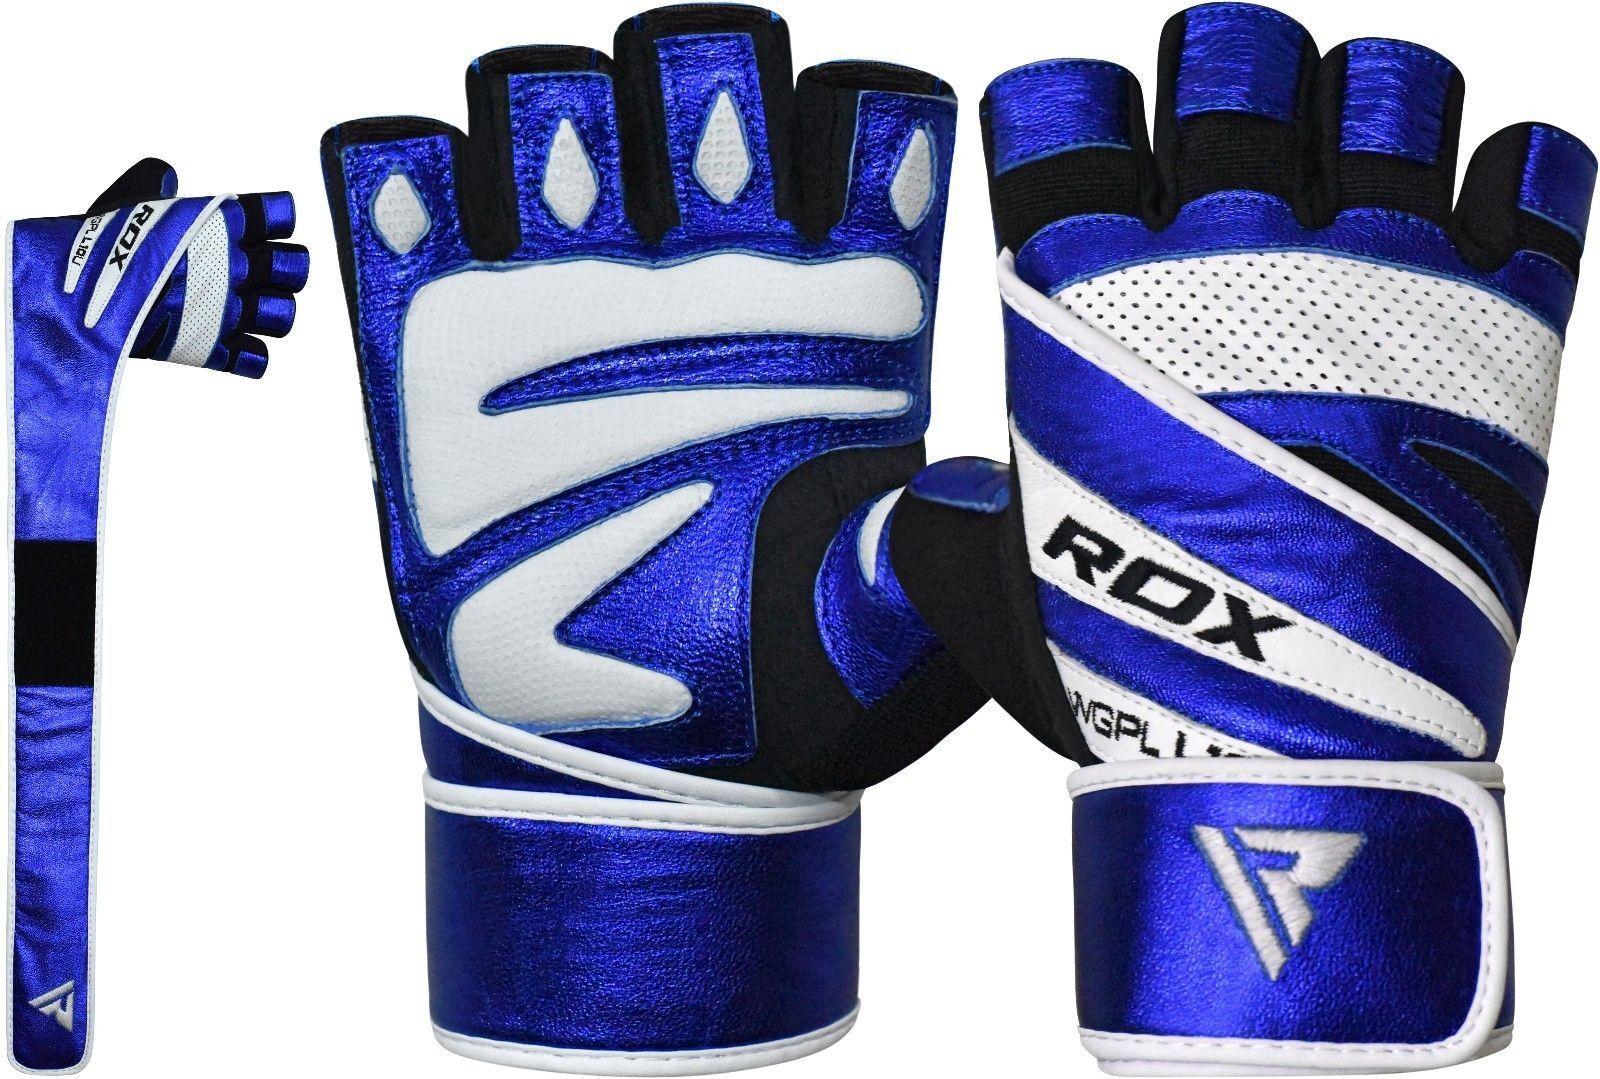 RDX Gewichtheffen handschuhe Fitness Workout Gloves Sporthandschuhe Blau S NL